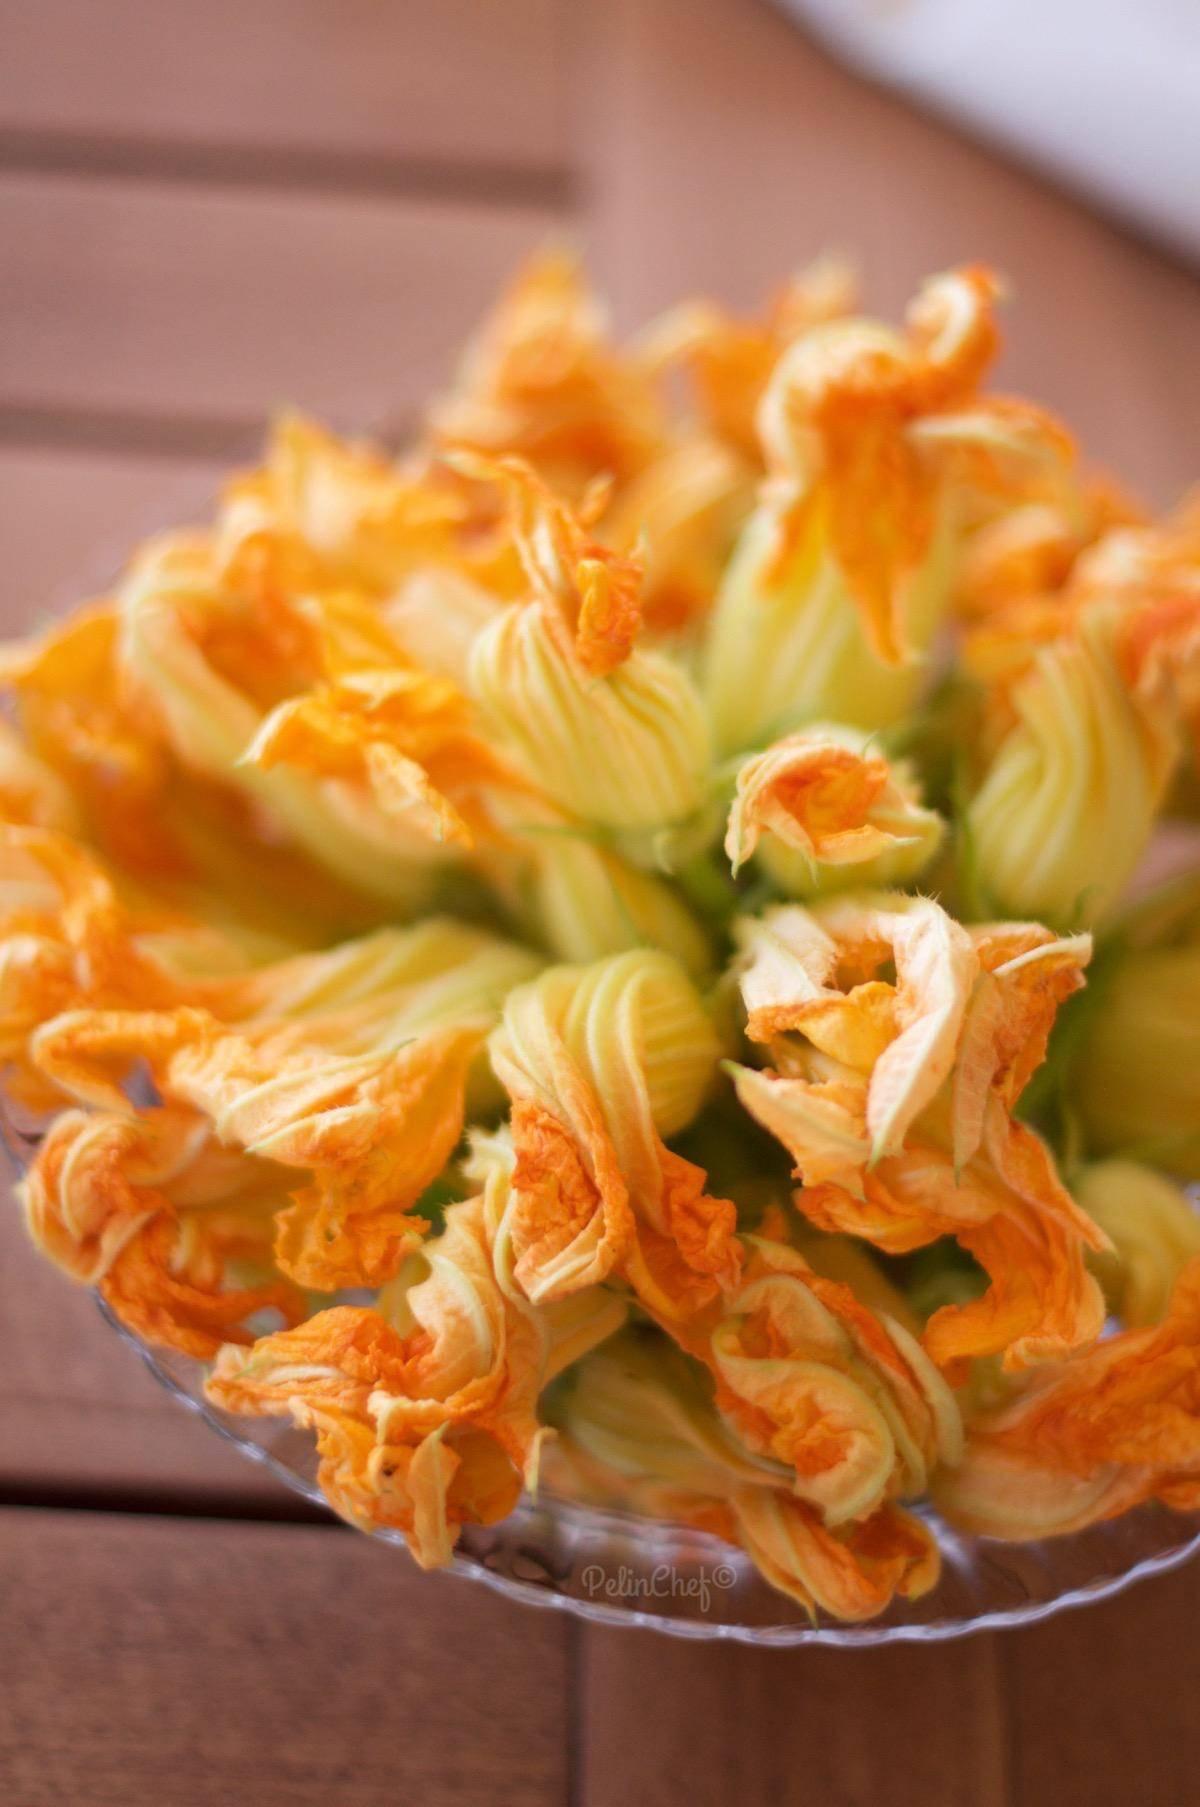 kabak çiçeği dolması2